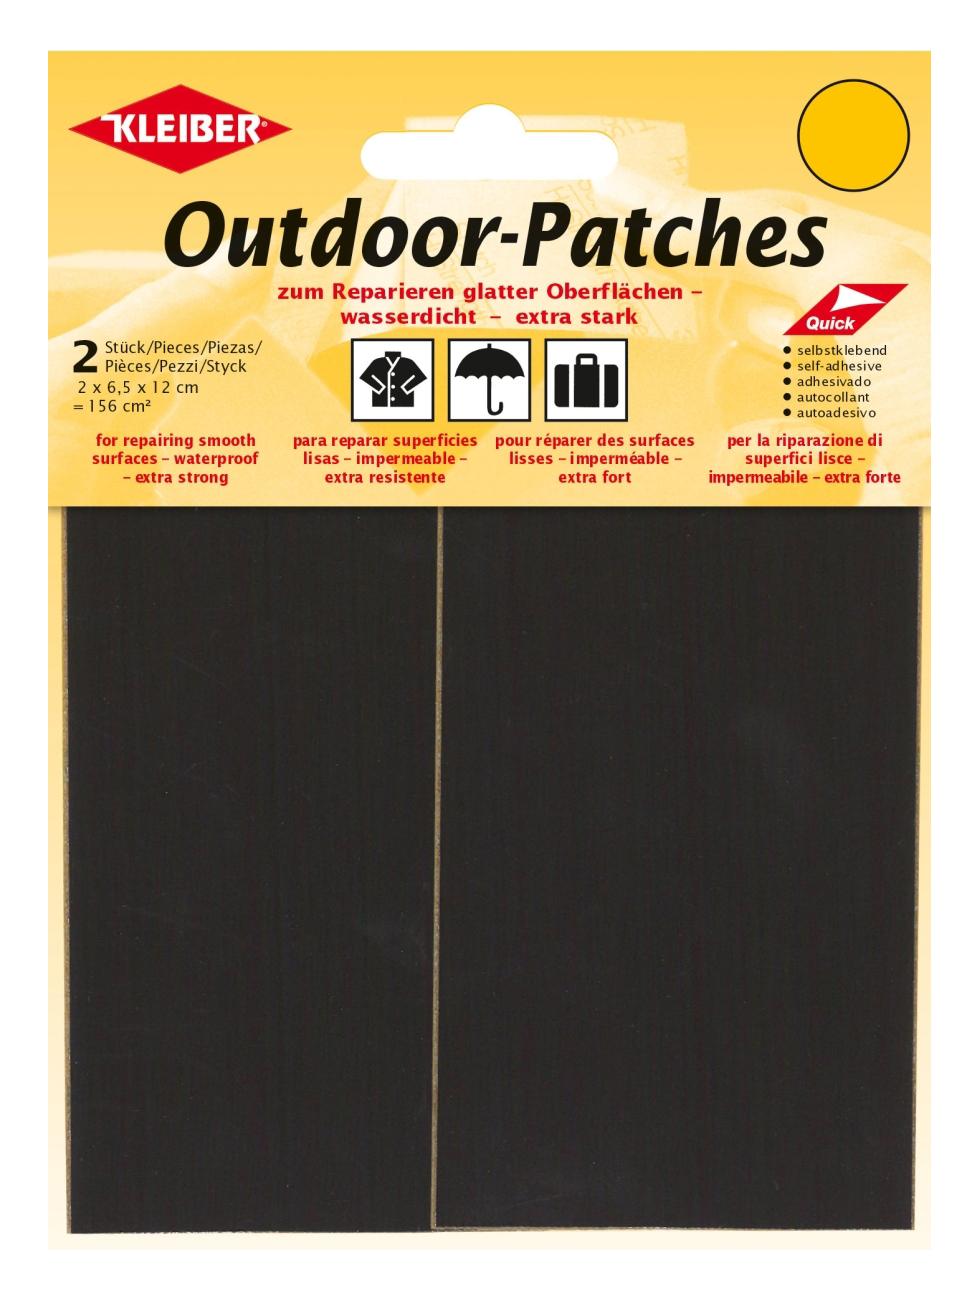 KLEIBER Outdoor-Patches schwarz